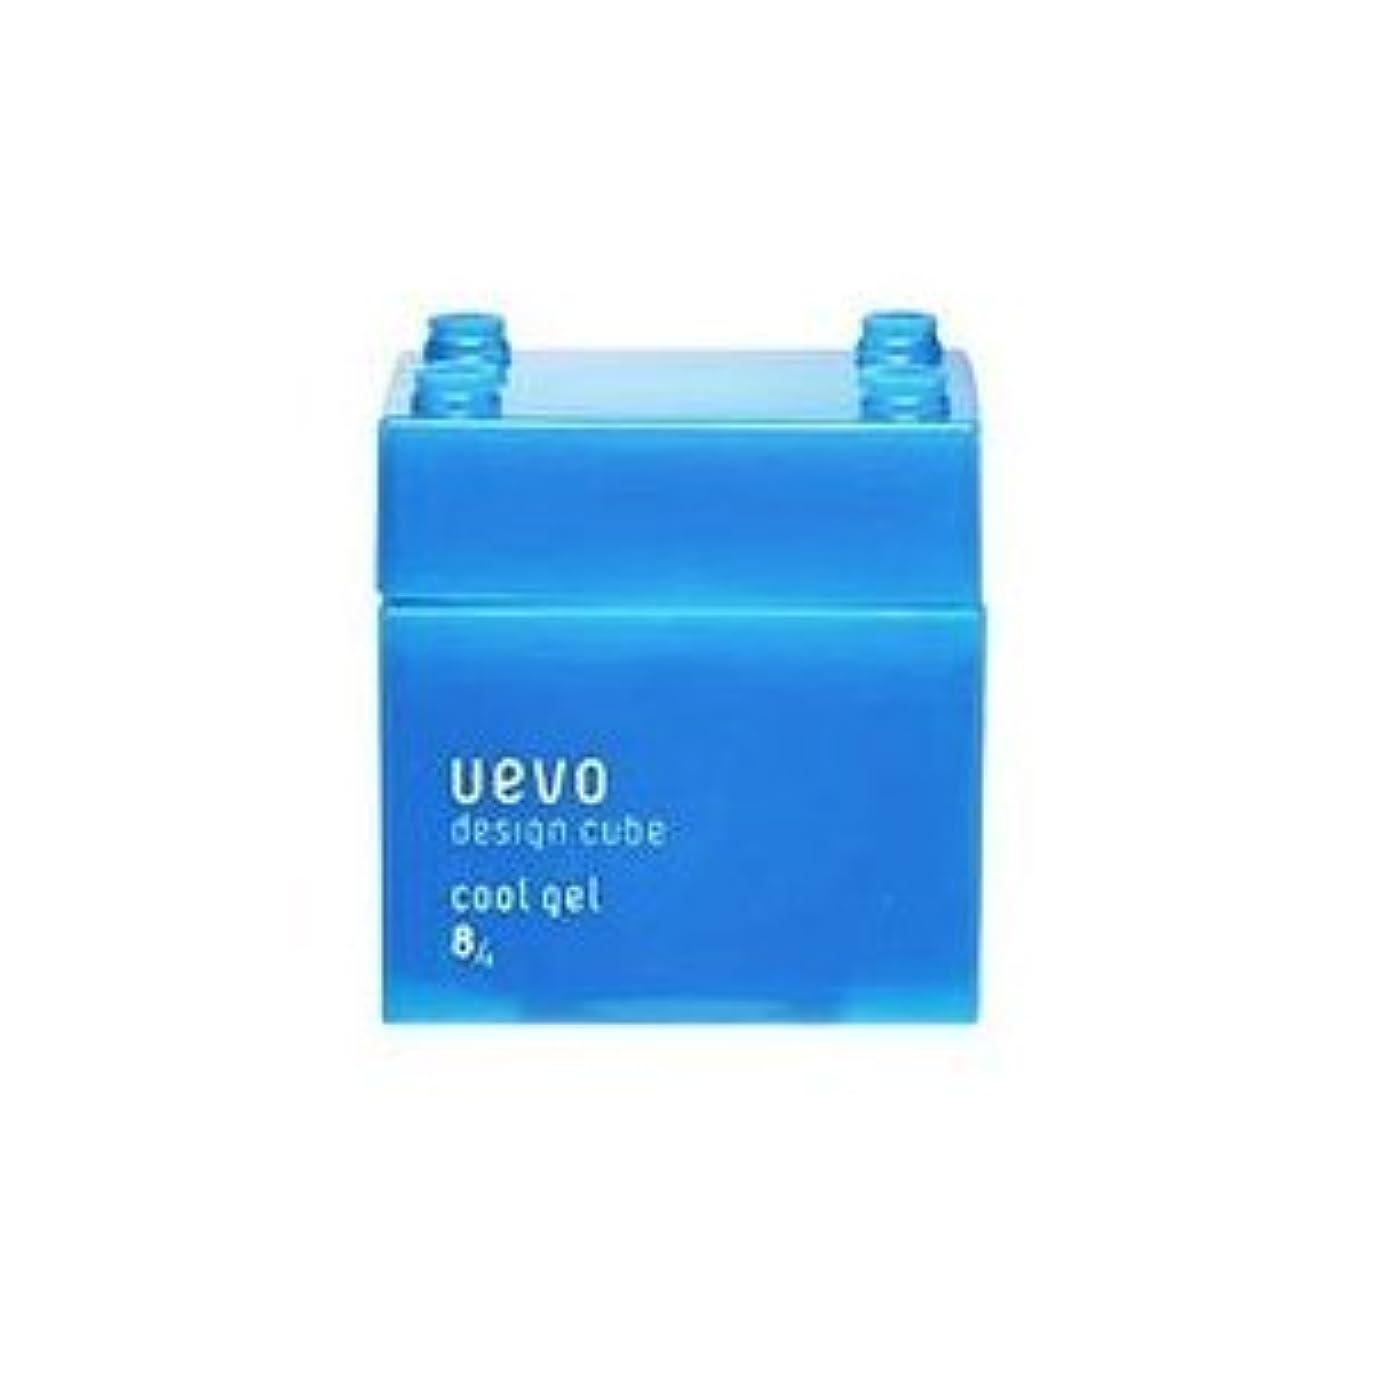 スロー委任する時間とともに【X3個セット】 デミ ウェーボ デザインキューブ クールジェル 80g cool gel DEMI uevo design cube